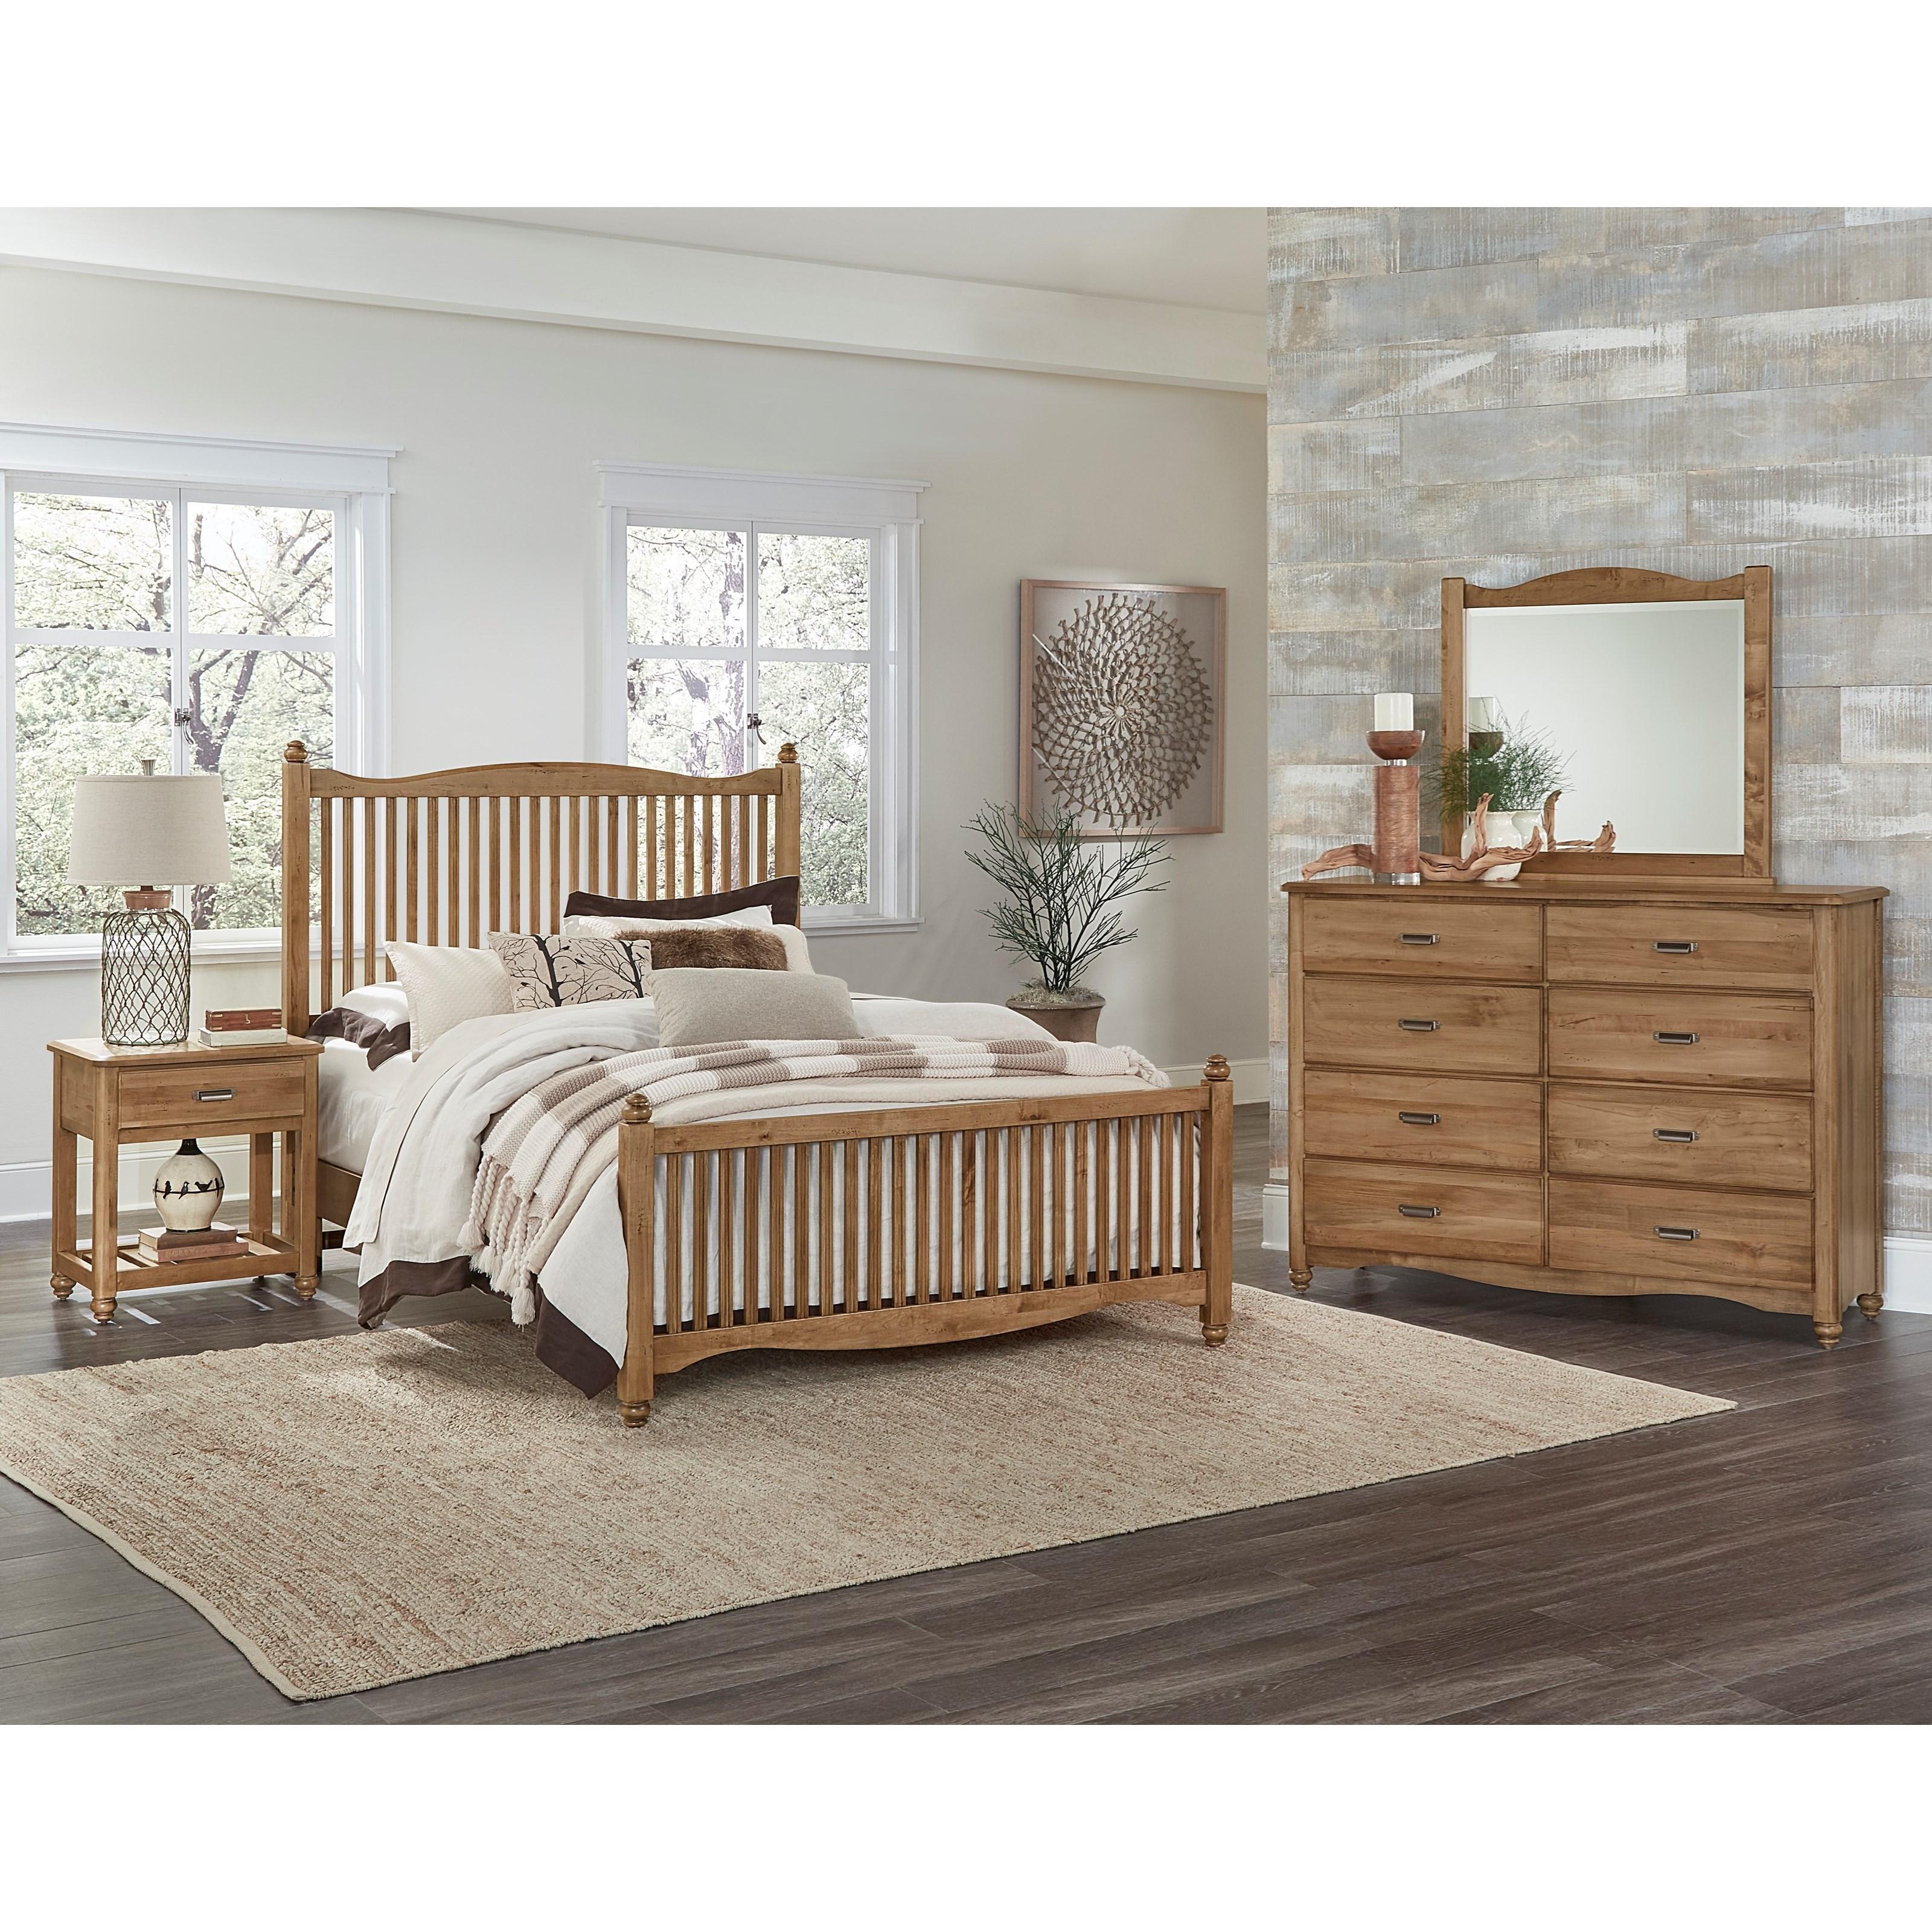 Vaughan Bassett American Maple King Bedroom Group - Item Number: 402 K Bedroom Group 1